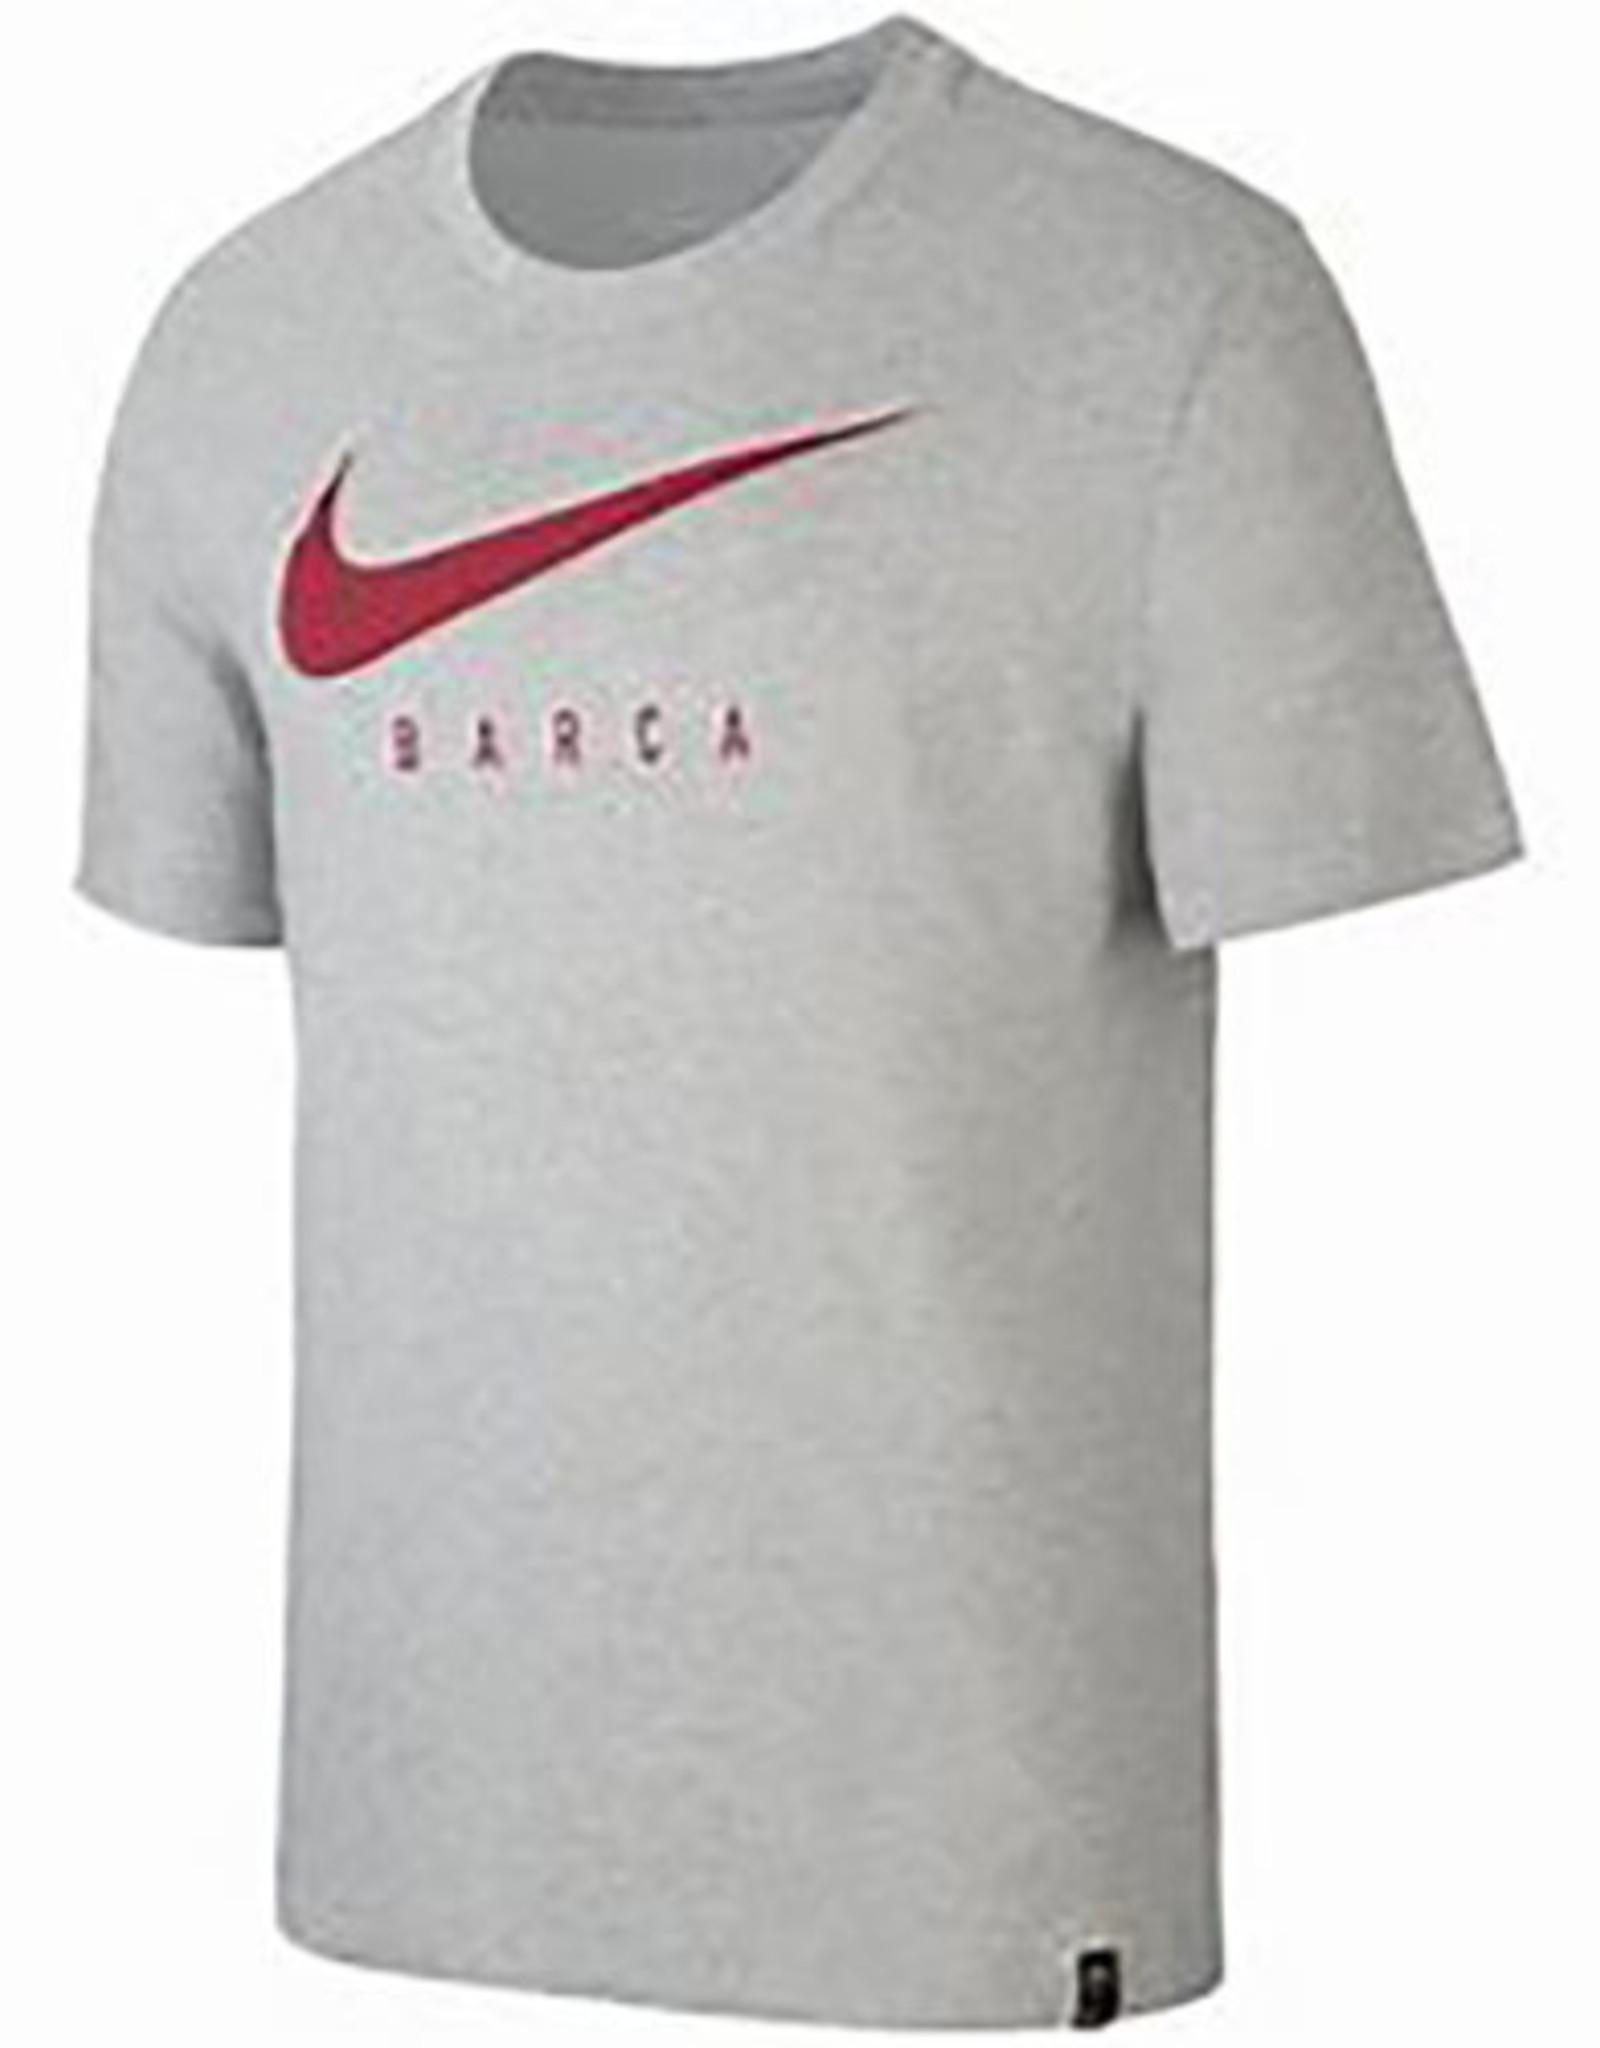 Nike nike barca tshirt